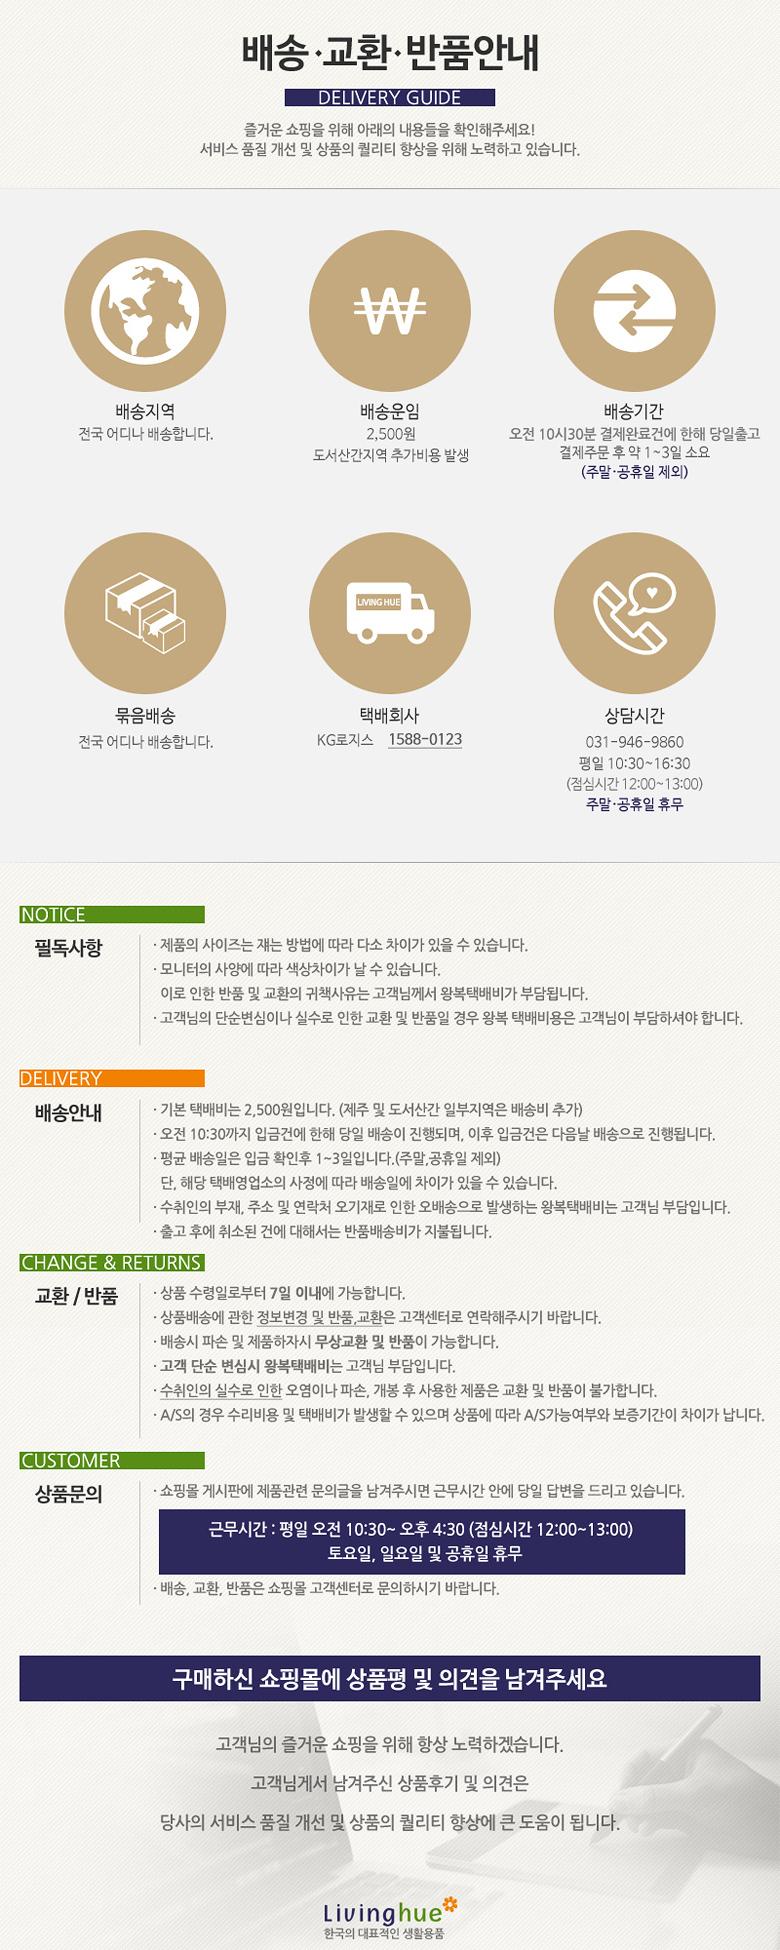 [리빙휴] 꽃걸레 청소기 면사걸레(1개) - 리빙휴, 5,000원, 청소도구, 걸레